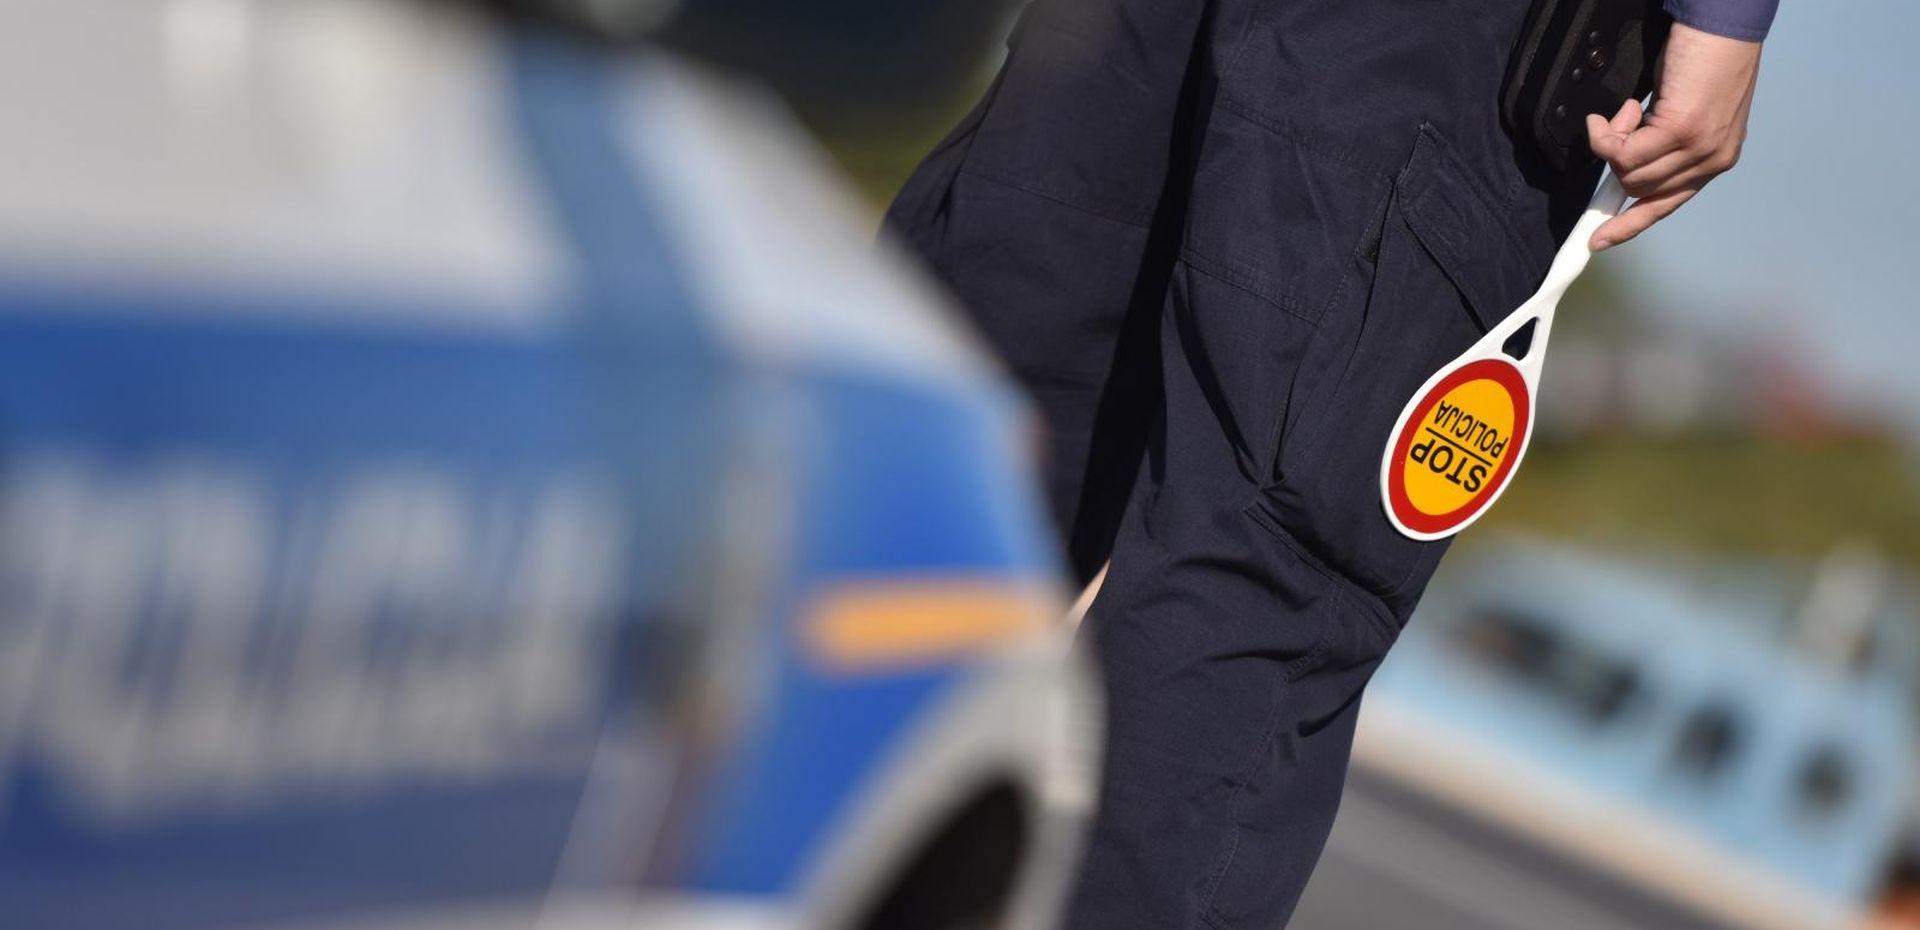 POJAČAN NADZOR Za vikend utvrđeno 915 prometnih prekršaja